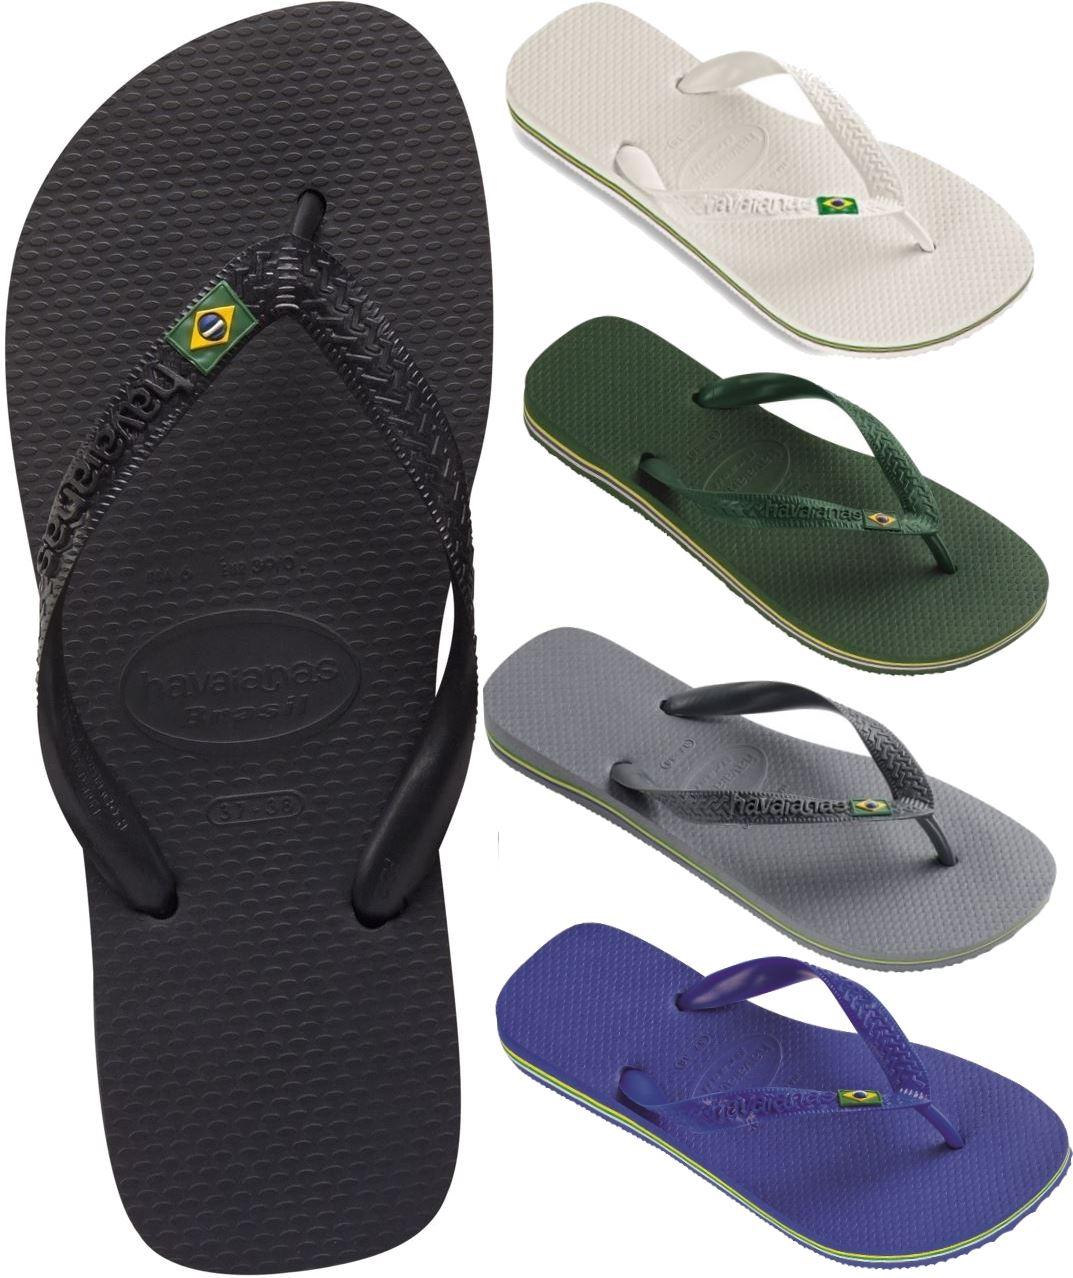 8eac12d19a57f Havaianas Brasil Brazil Flip Flops - Various Colours   Sizes